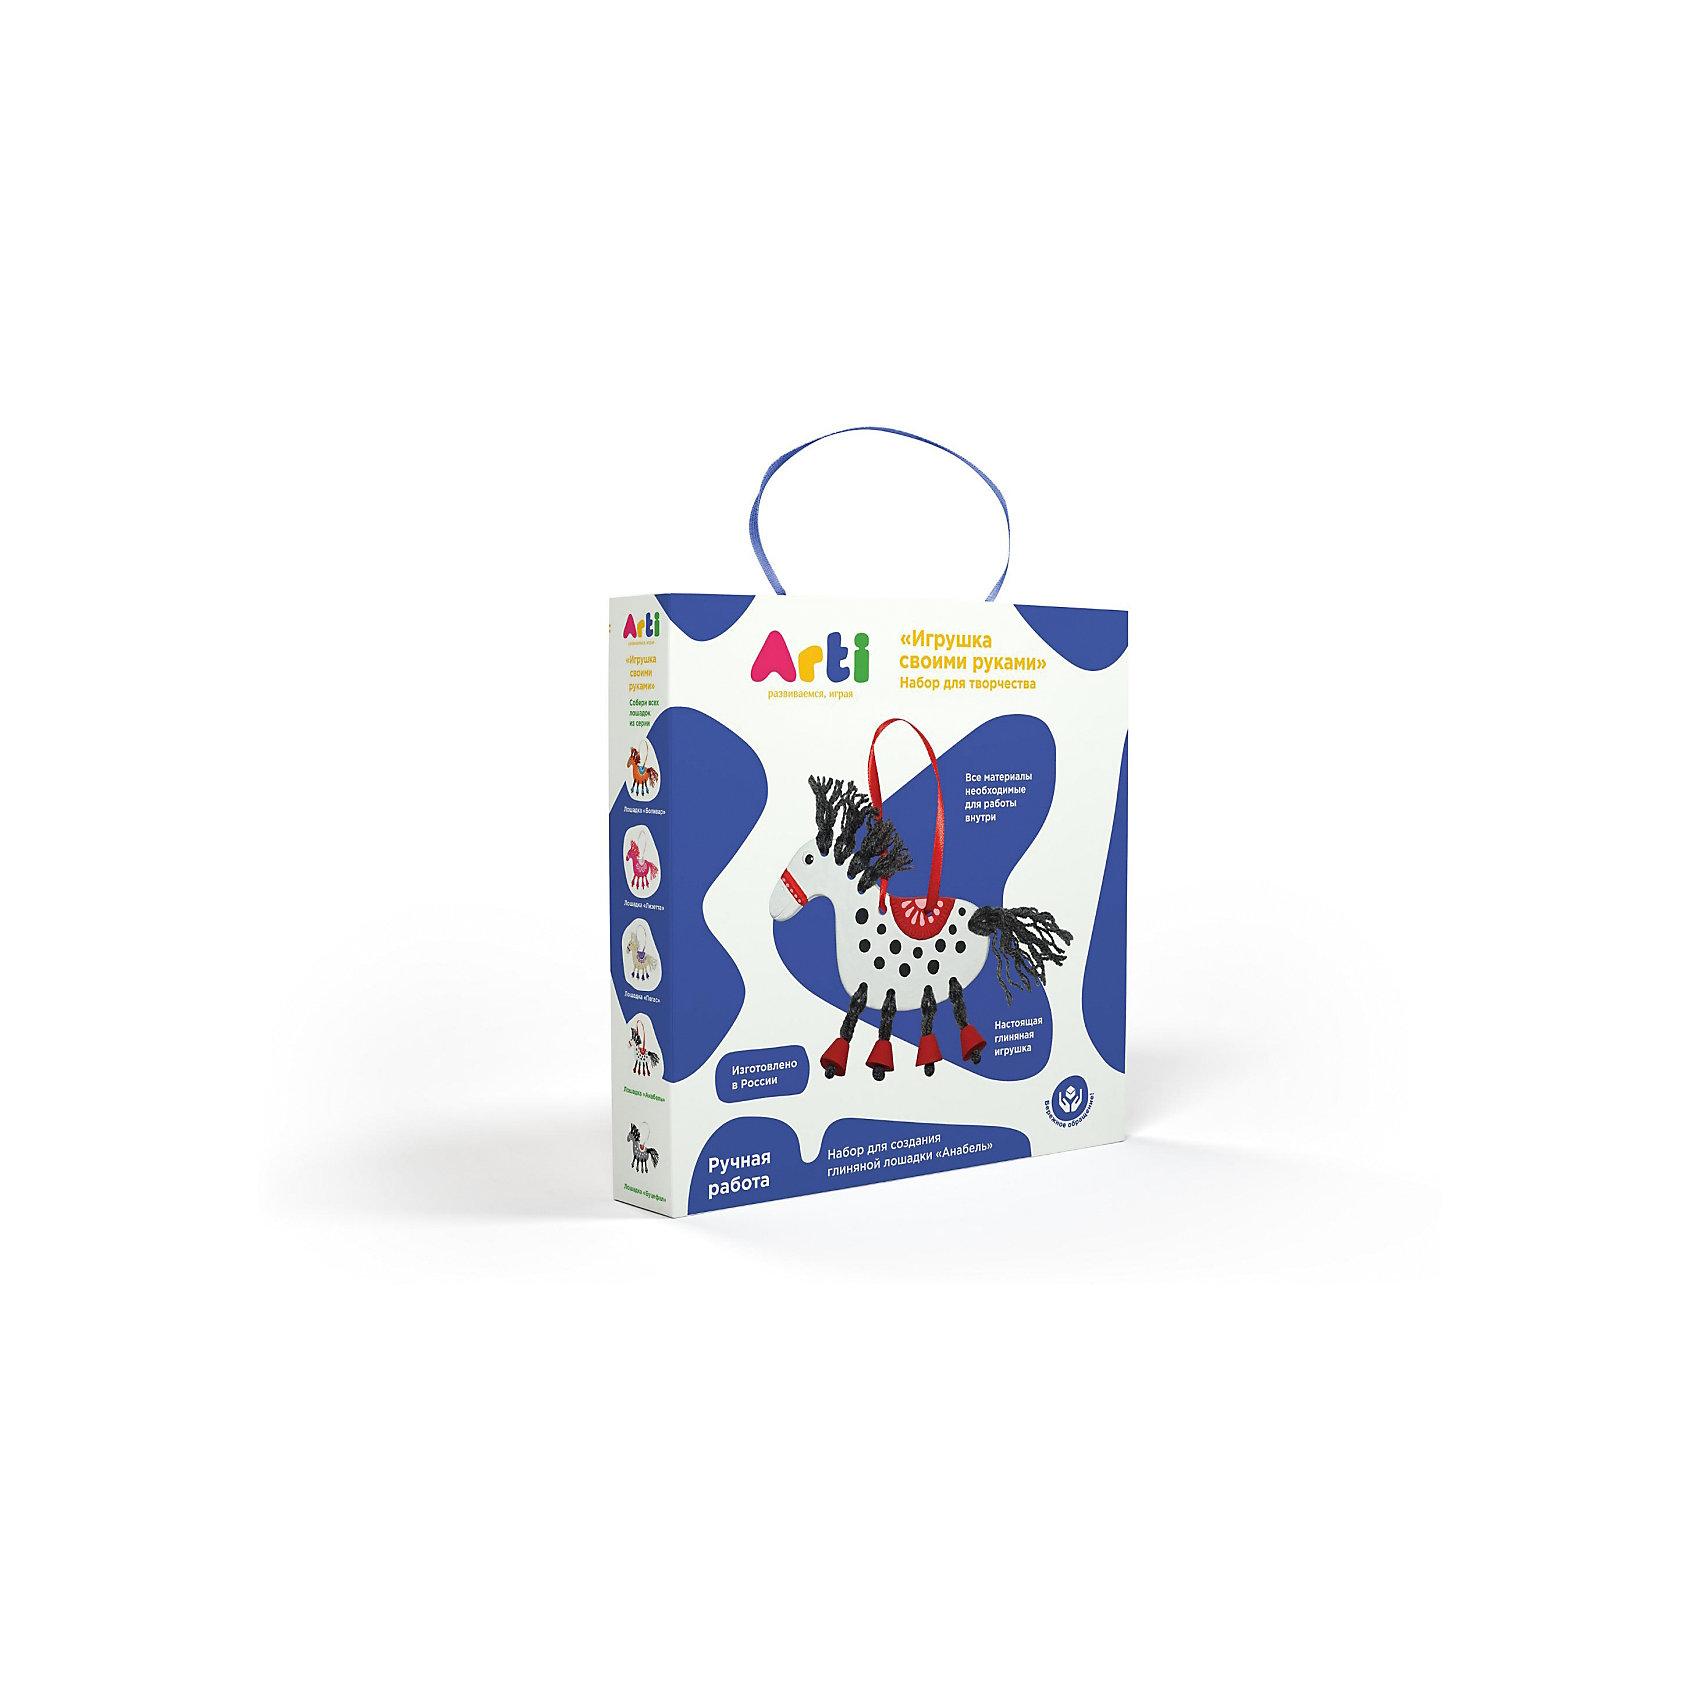 Набор для творчества Глиняная лошадка АнабельРисование<br>Набор для творчества Глиняная лошадка Анабель.<br><br>Характеристика: <br><br>• Возраст: от 3 лет<br>• Материал: глина, текстиль, краски, дерево, шерсть. <br>• Размер упаковки: 3х18х18 см. <br>• Комплектация: детали фигурки, акриловые краски, кисть, шерстяные нити, деревянная палочка для работы с нитями, ленточка для подвеса изделия.<br>• Объем 1 баночки с краской: 5 мл.<br>• Развивает моторику рук, мышление, внимание. фантазию, творческие способности. <br><br>С помощью этого замечательного набора ваш ребенок сможет создать яркую глиняную игрушку и раскрасить ее по своему вкусу. Все детали набора выполнены из высококачественных материалов. Доступная простая инструкция позволит детям самим сделать свою лошадку. Получившаяся фигурка обязательно украсит стену детской или же станет отличным подарком, сделанным своими руками. <br><br>Набор для творчества Глиняная лошадка Анабель можно купить в нашем интернет-магазине.<br><br>Ширина мм: 180<br>Глубина мм: 180<br>Высота мм: 30<br>Вес г: 282<br>Возраст от месяцев: 36<br>Возраст до месяцев: 2147483647<br>Пол: Унисекс<br>Возраст: Детский<br>SKU: 5487916